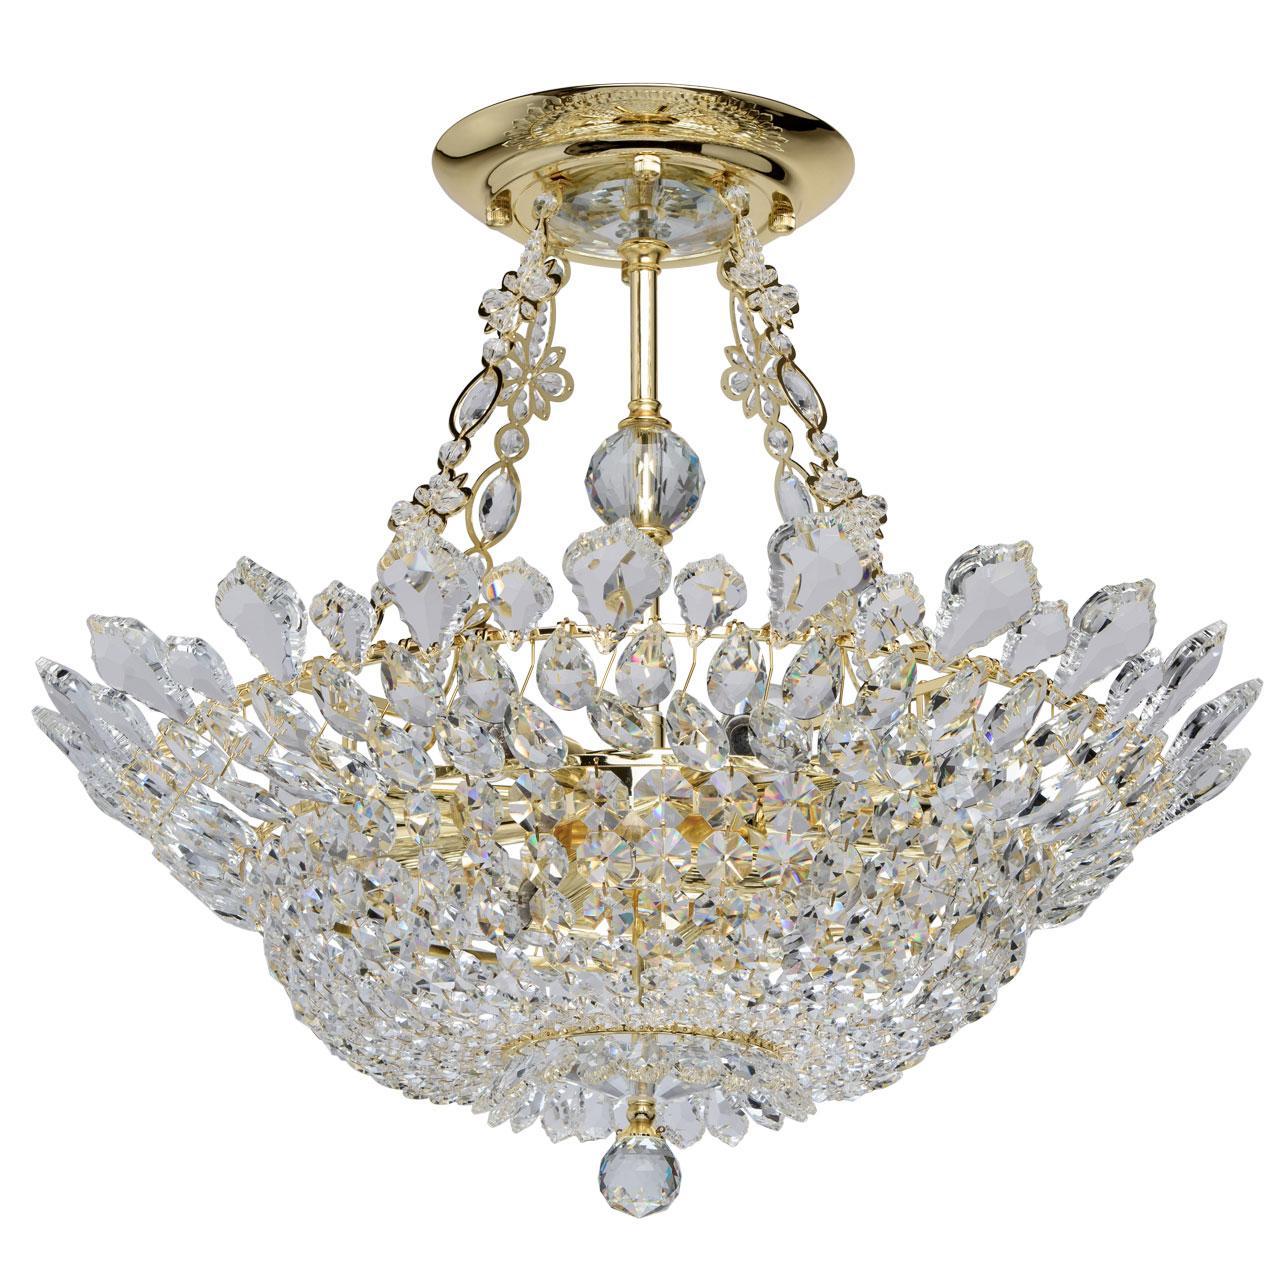 Купить со скидкой Потолочный светильник mw-Light патриция с плафоном из хрусталя